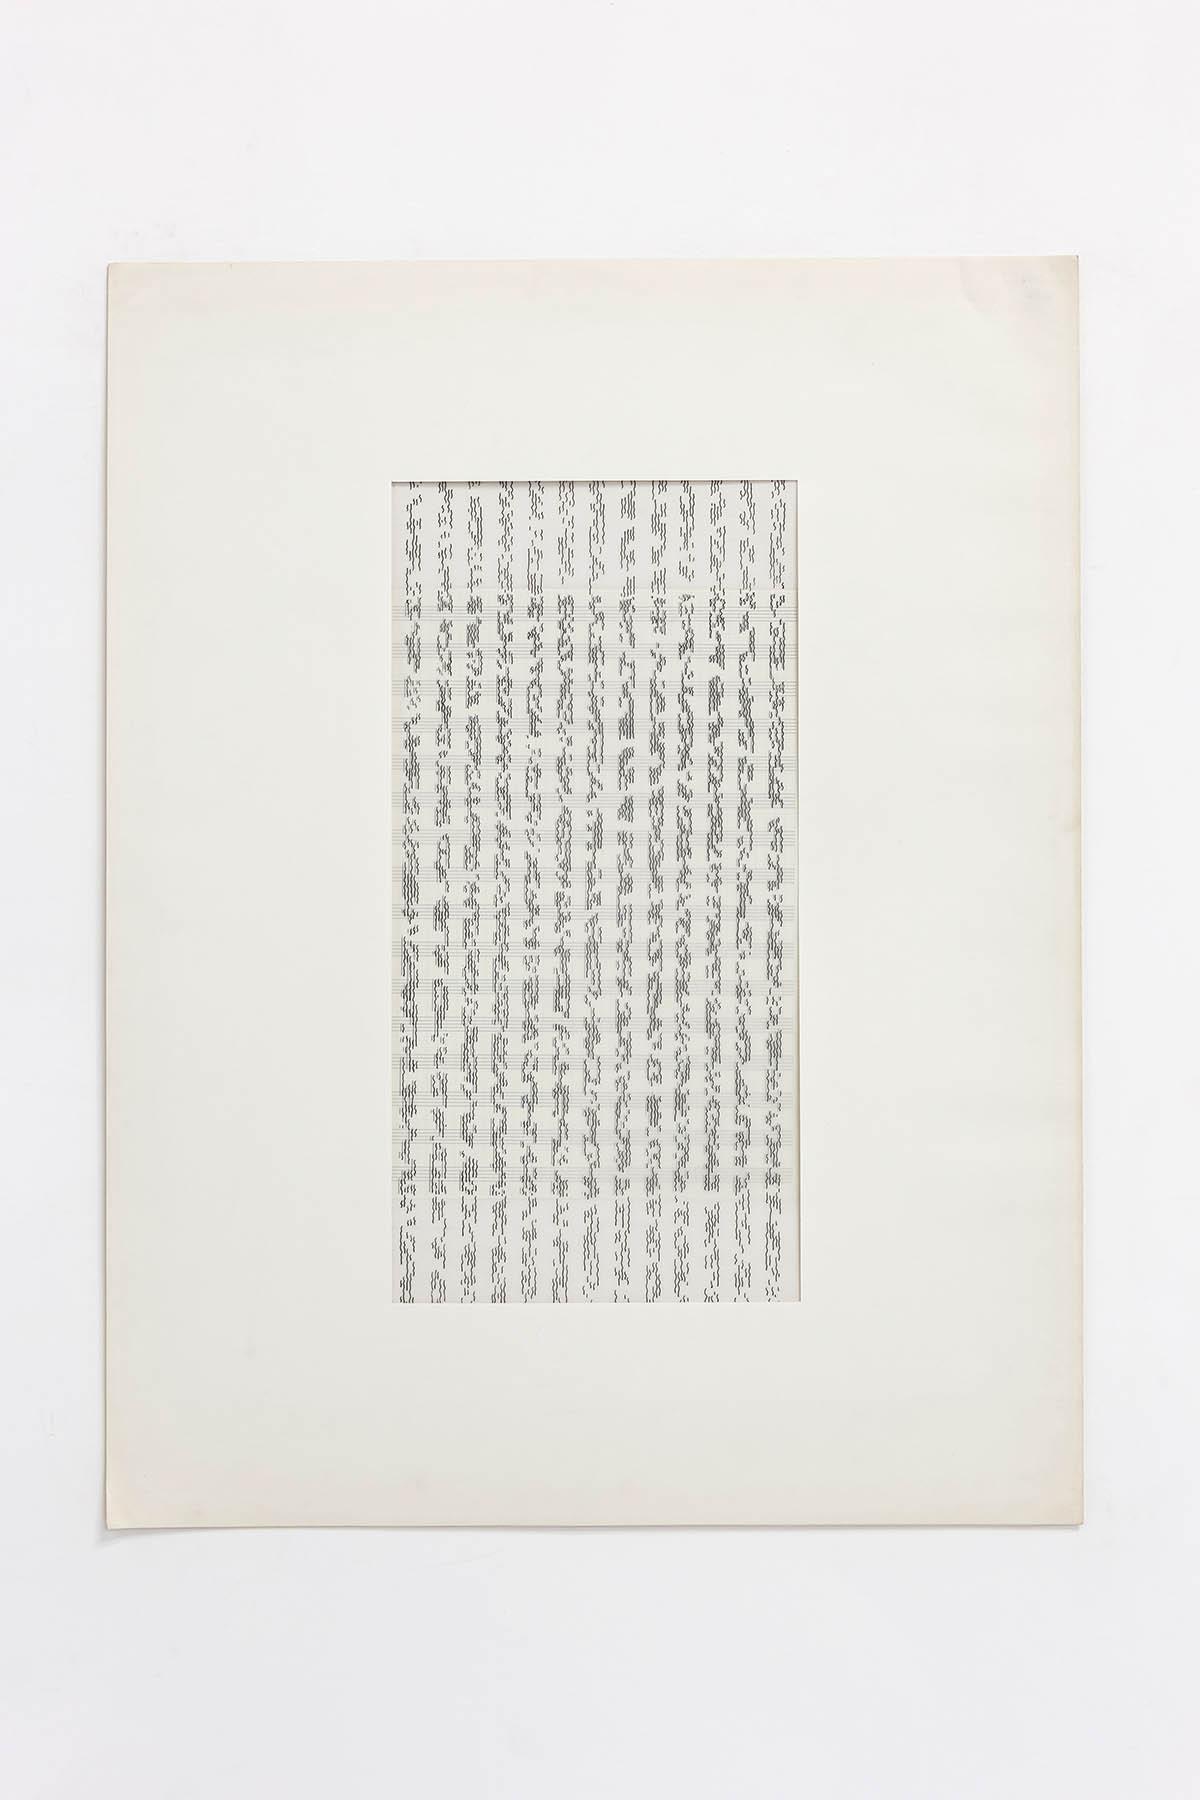 Betty Danon, Partitura asemantica (Asemantic score), 1974, indian ink on paper, cm 68 x 53 (framed), cm 65 X 50 (unframed)